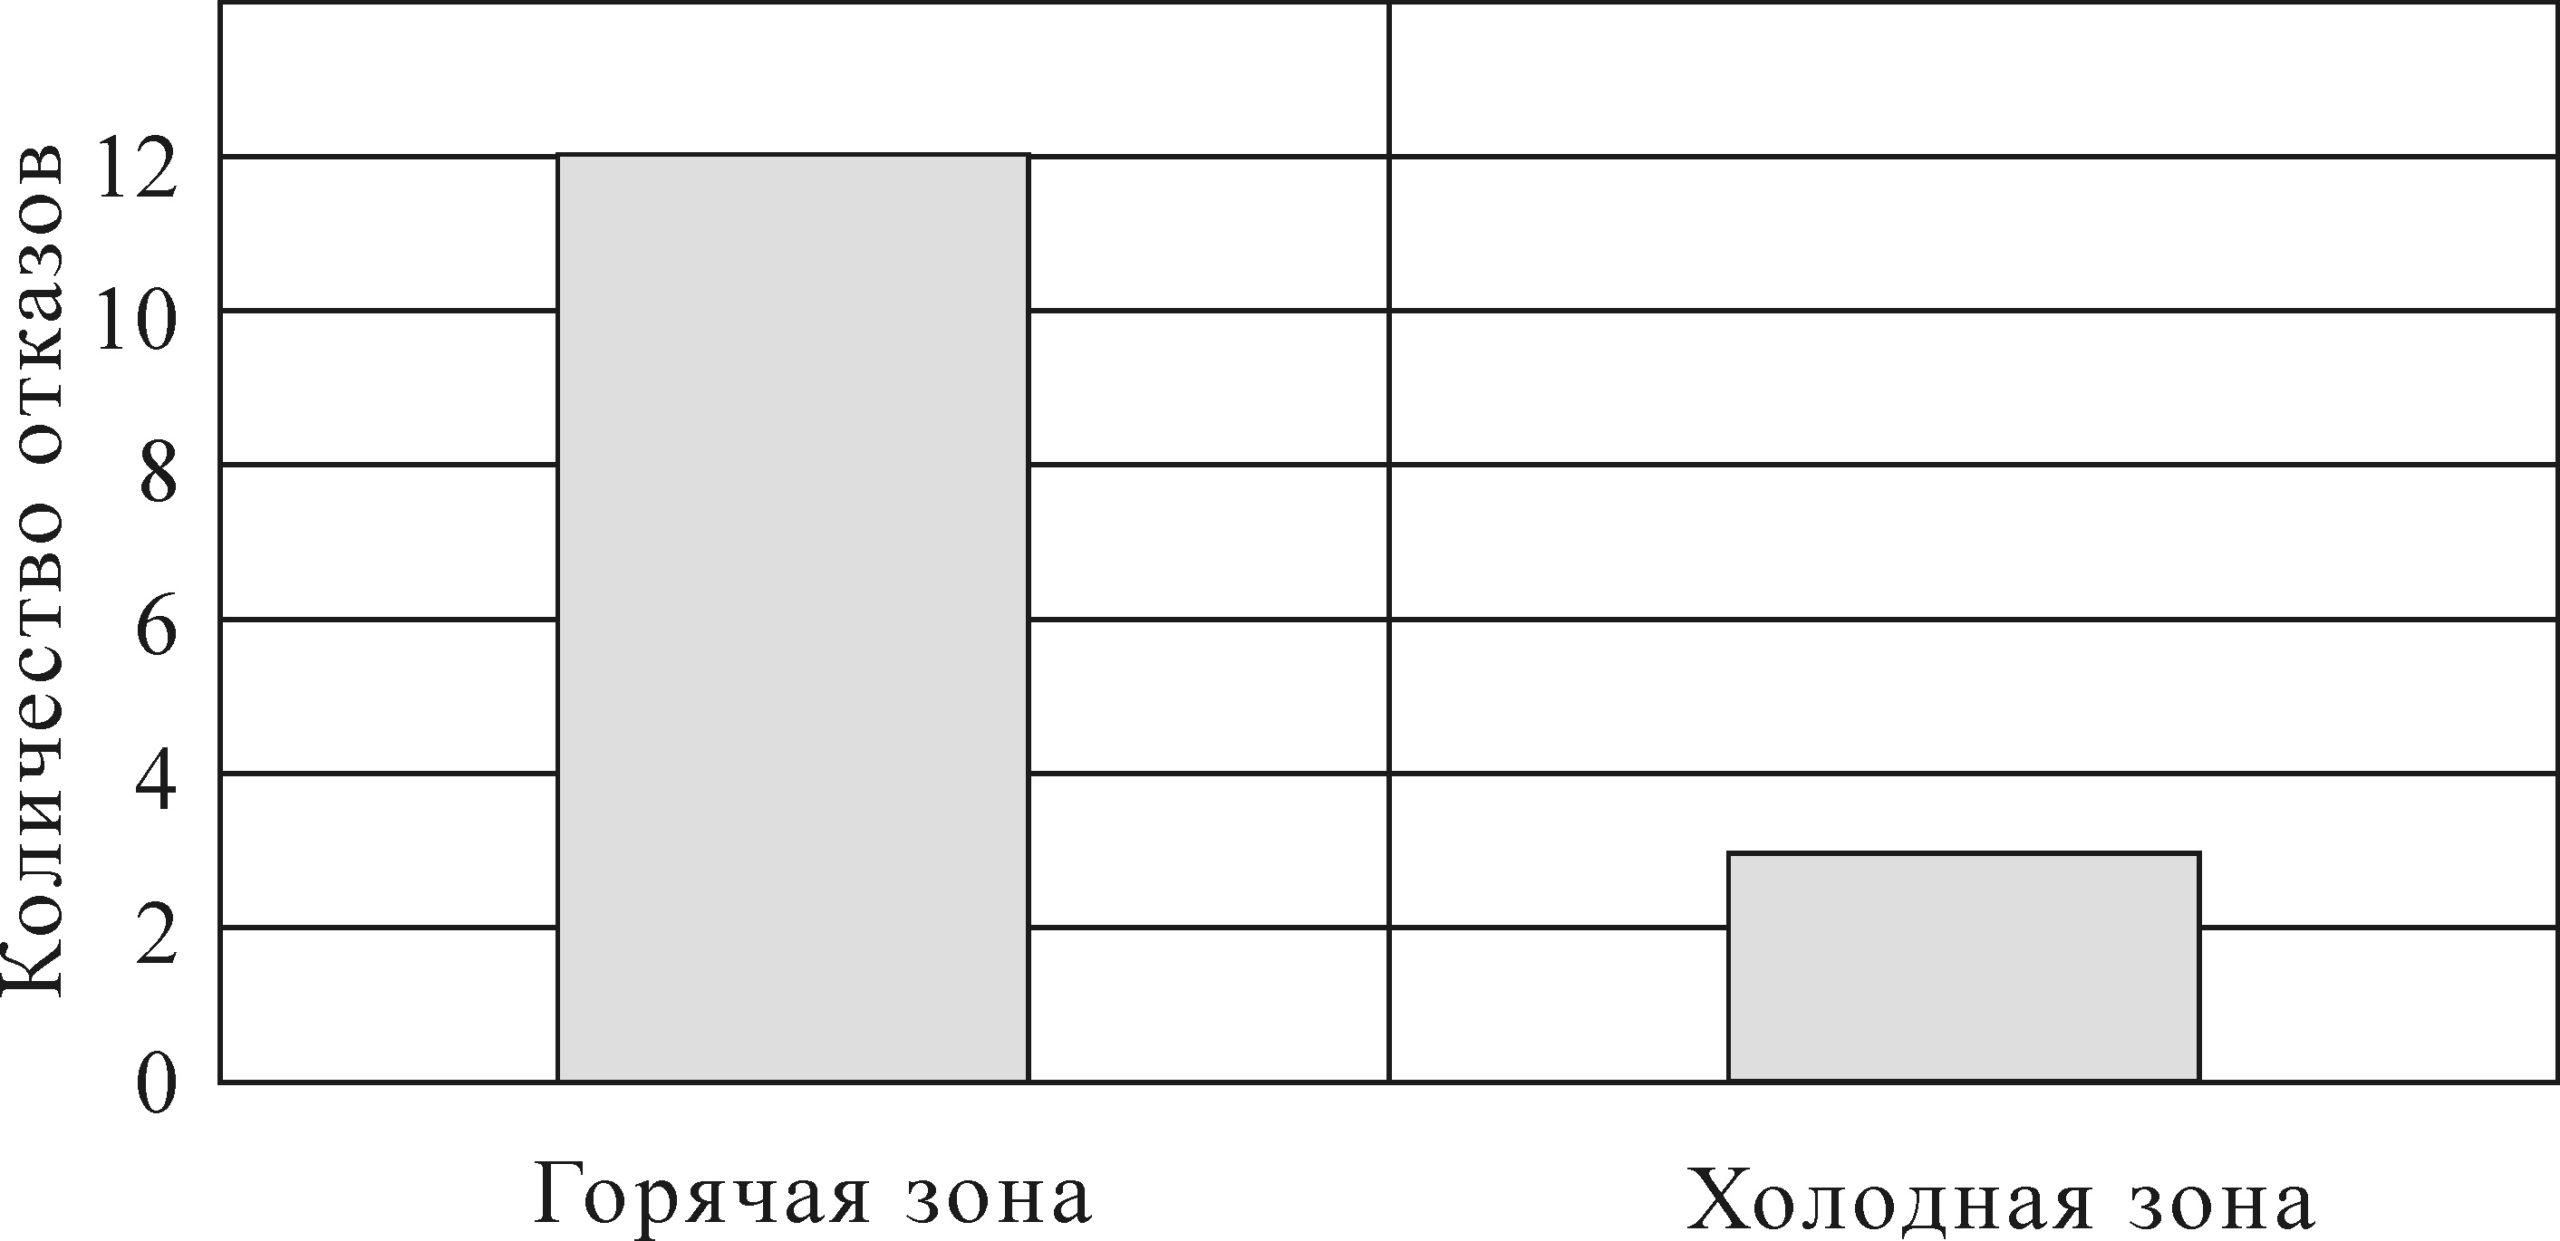 Рисунок 8 – Гистограмма отказов по температурным зонам